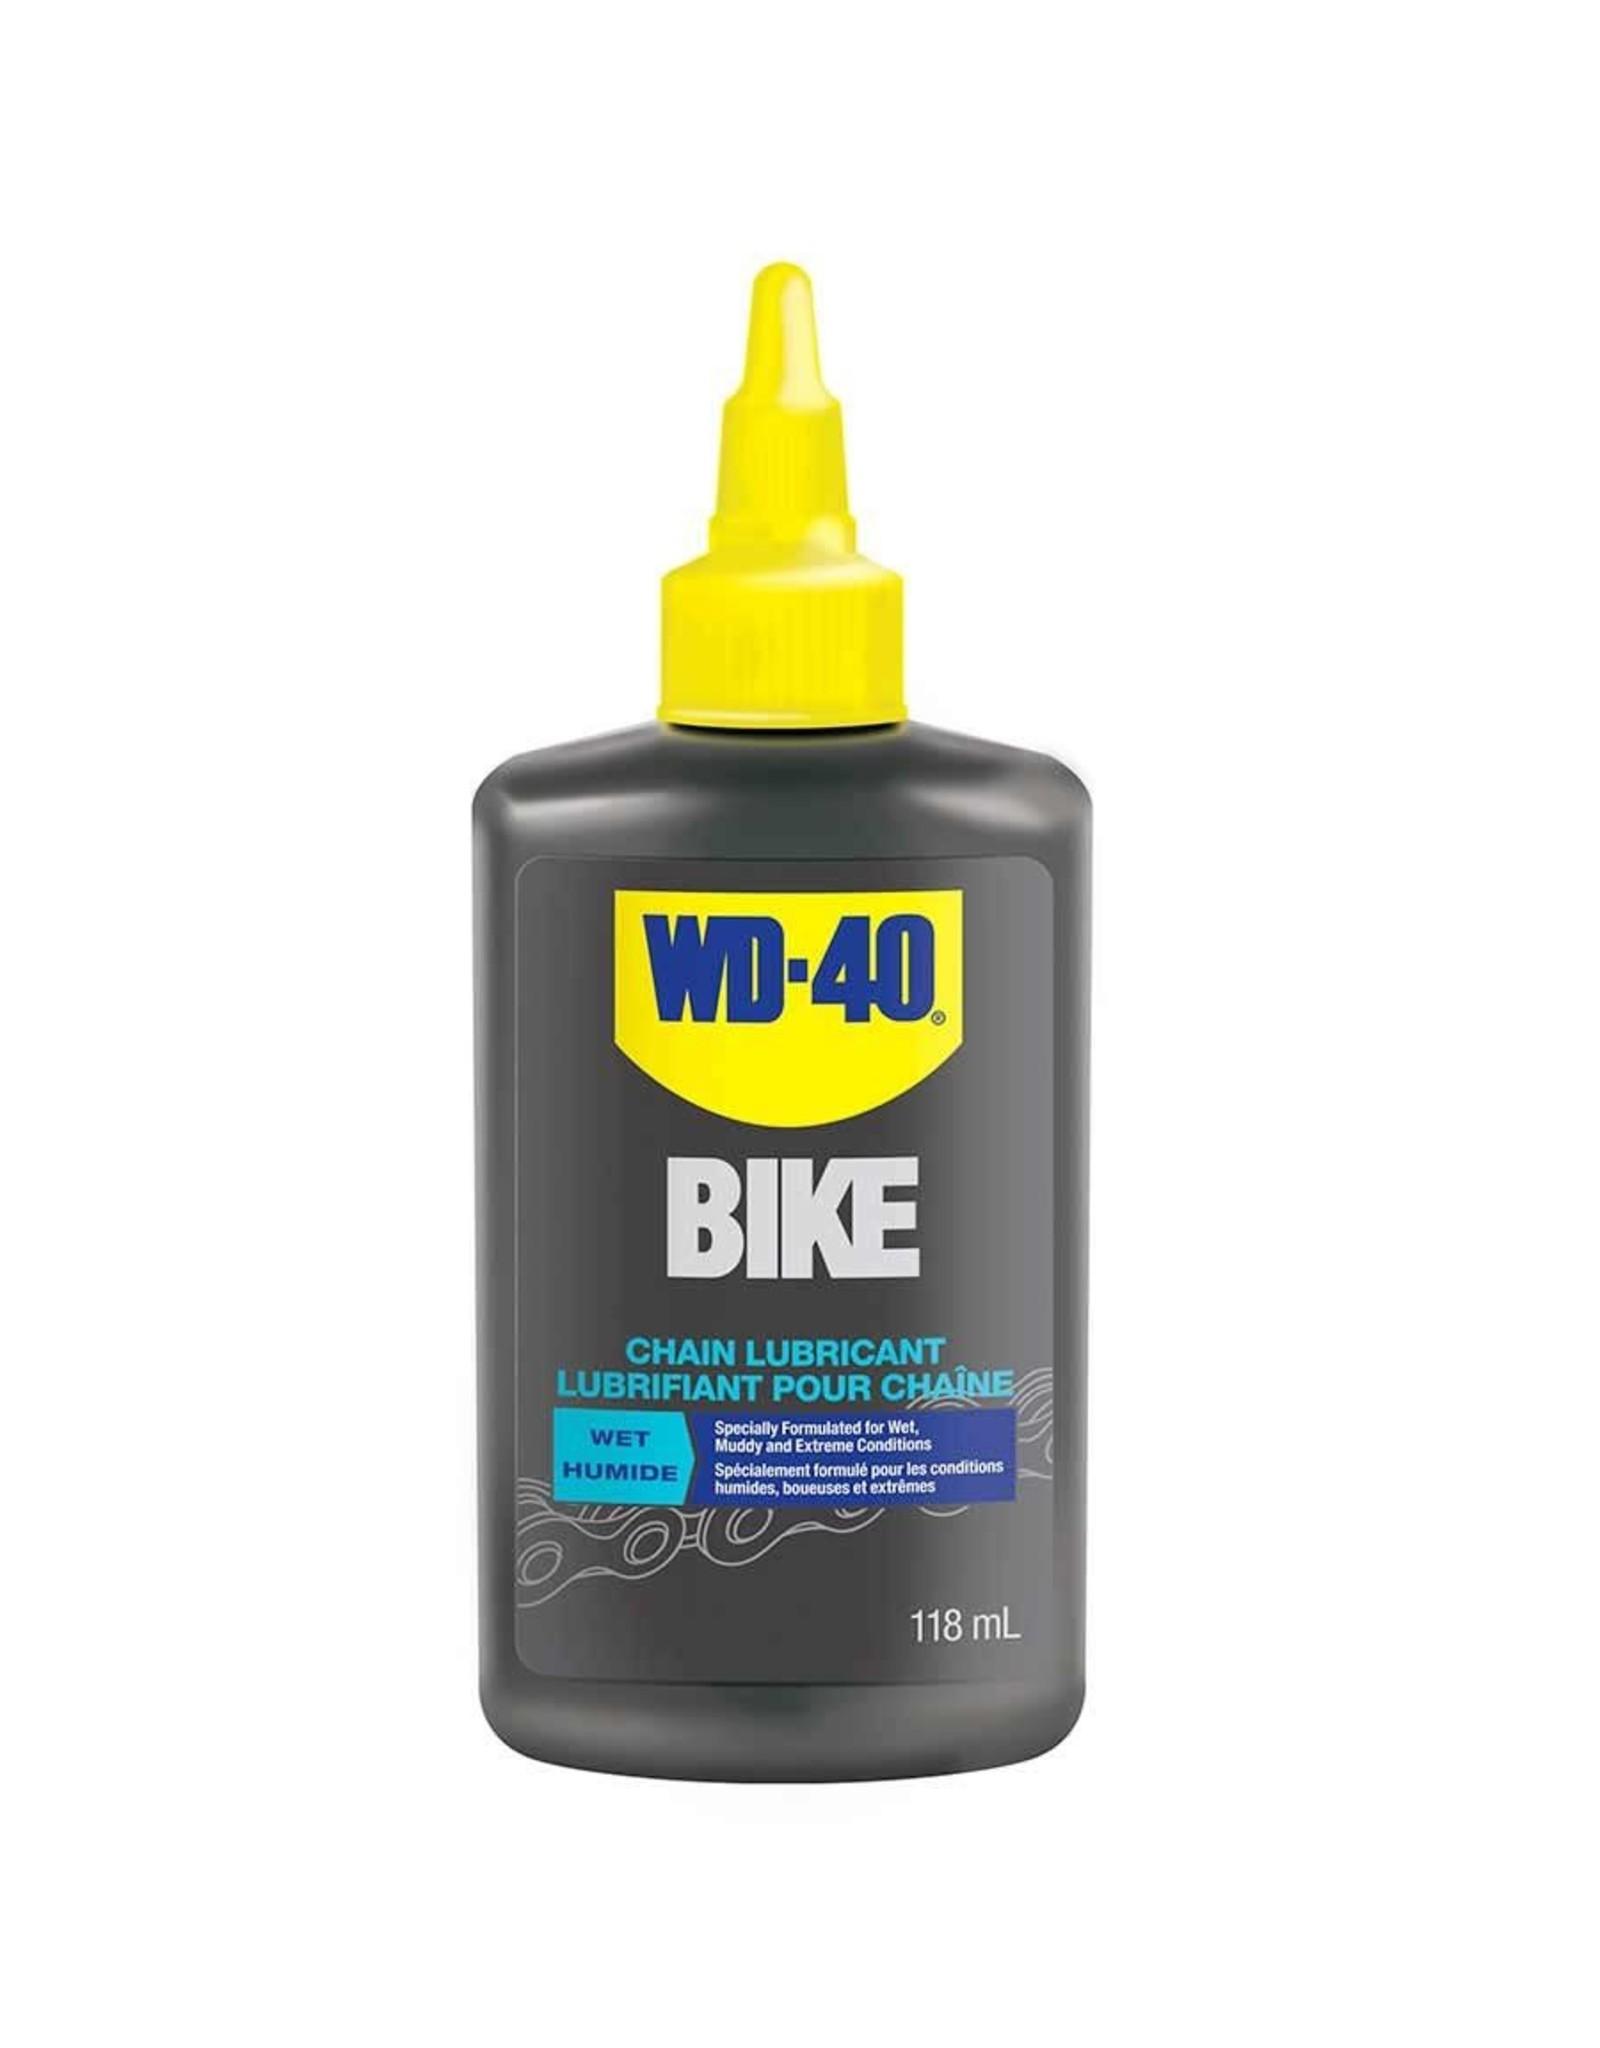 WD-40 Bike, Wet, Chain Lubricant , 118ml